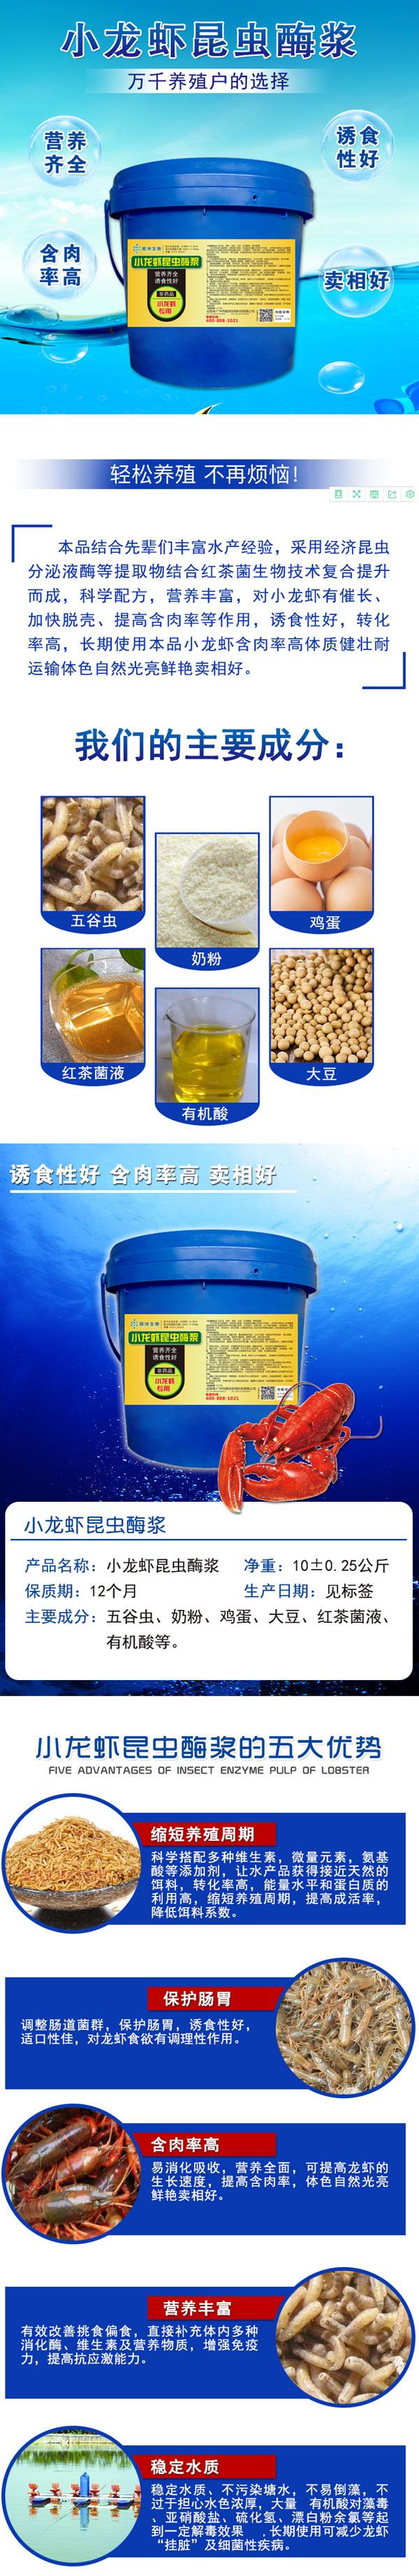 小龙虾昆虫酶浆案例_01.jpg